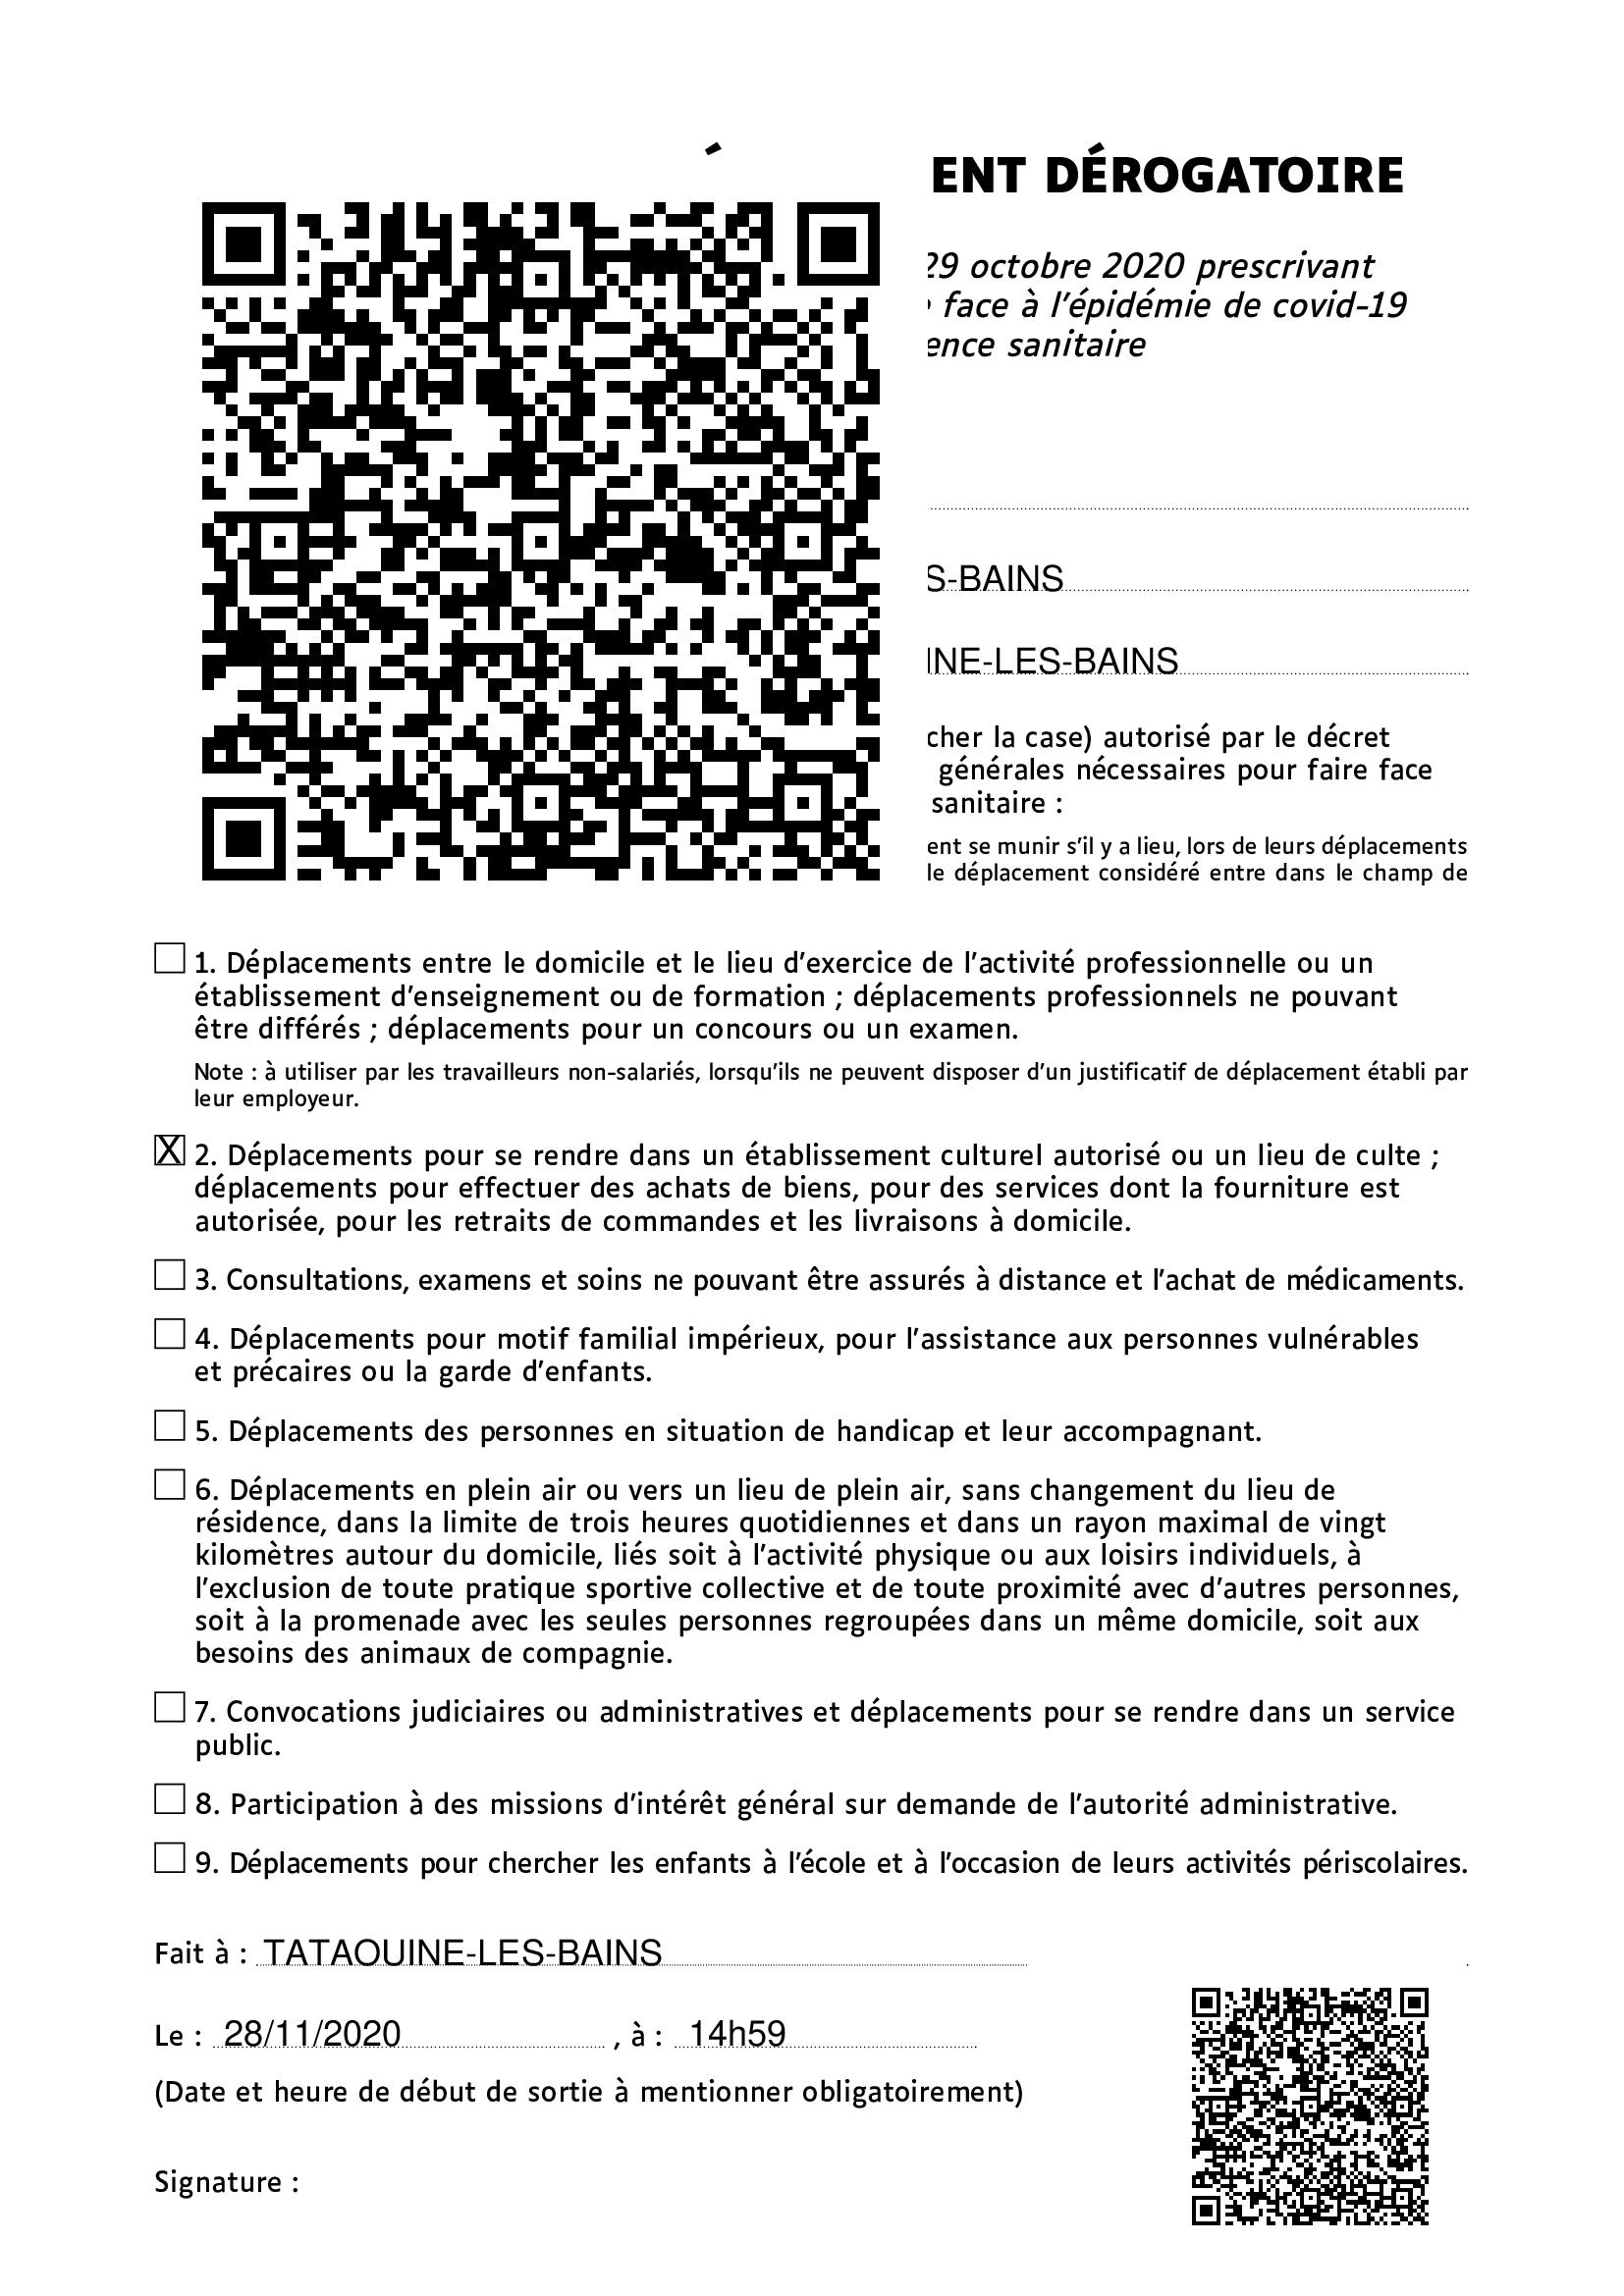 attestation-2020-11-28_14-59_Hector-Marie_Dupont-de-la-Joie